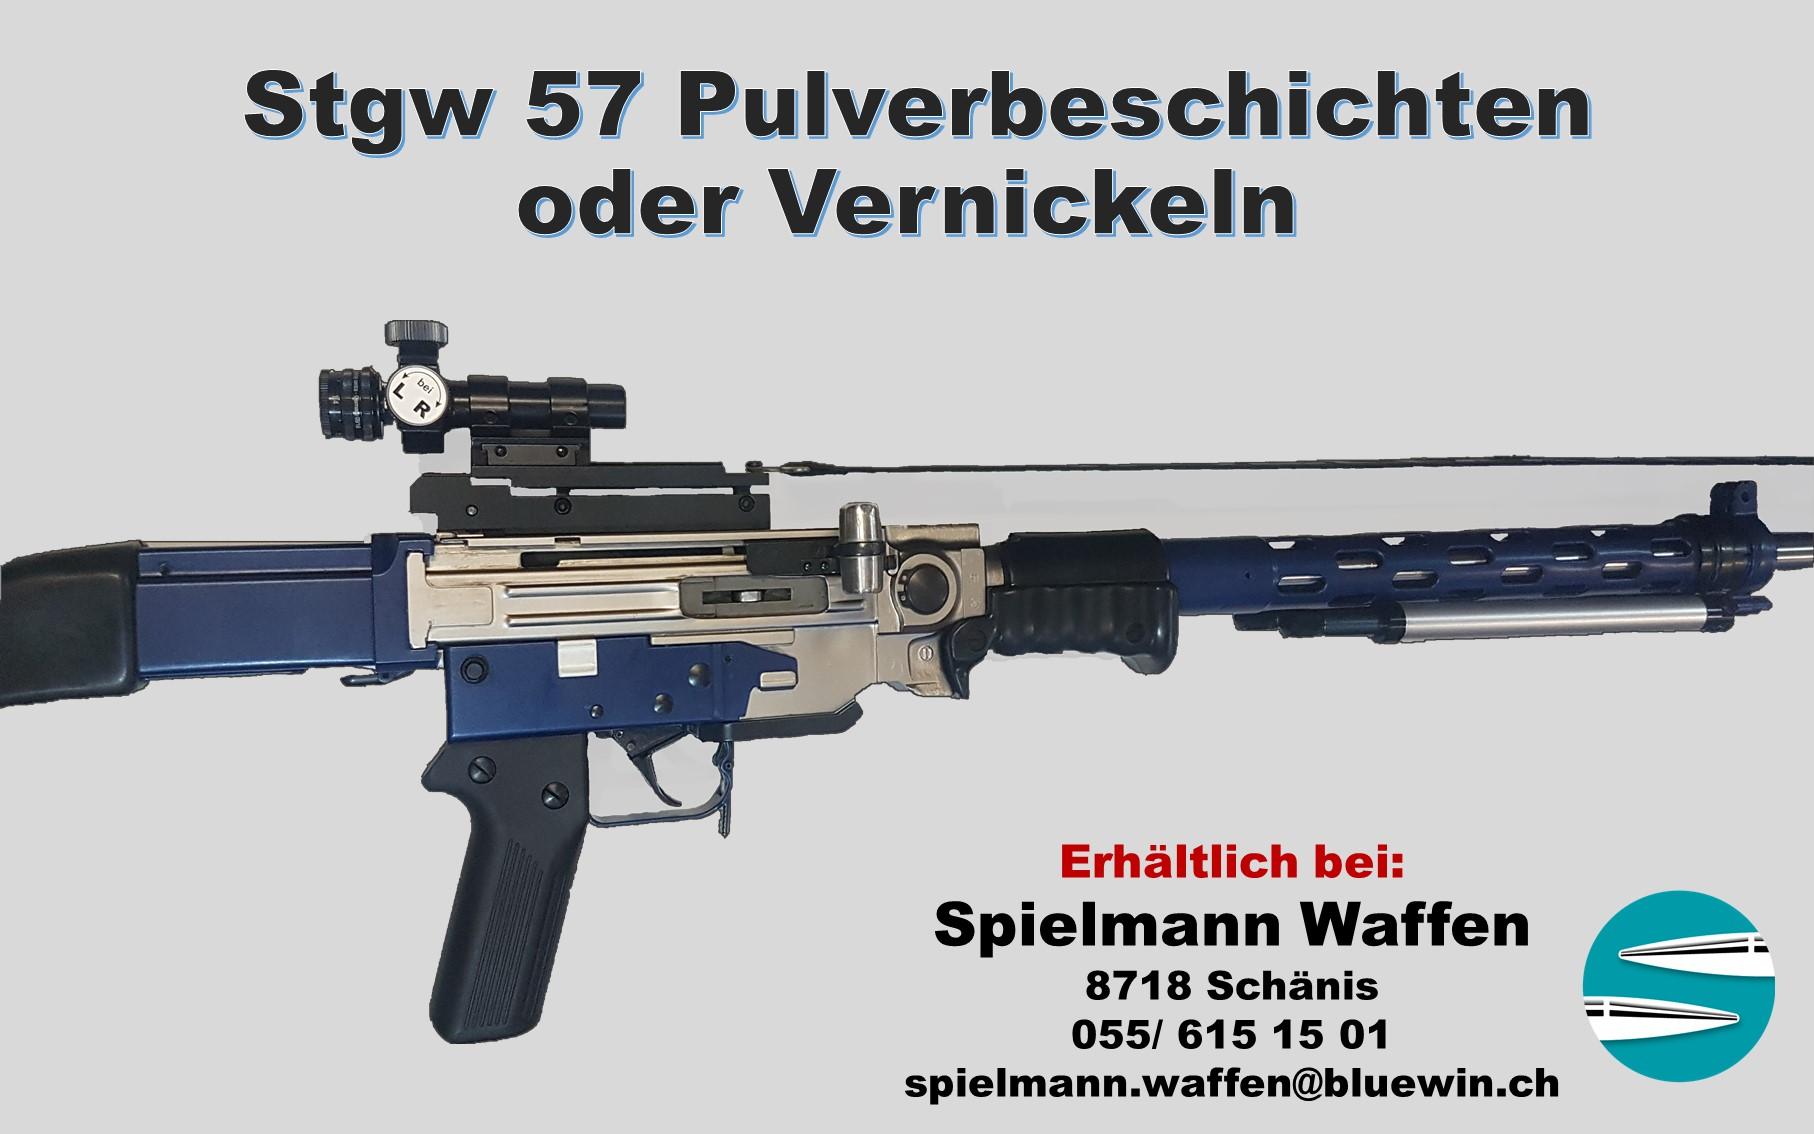 8436602-Stgw_57_Pulverbeschichten,Vernic